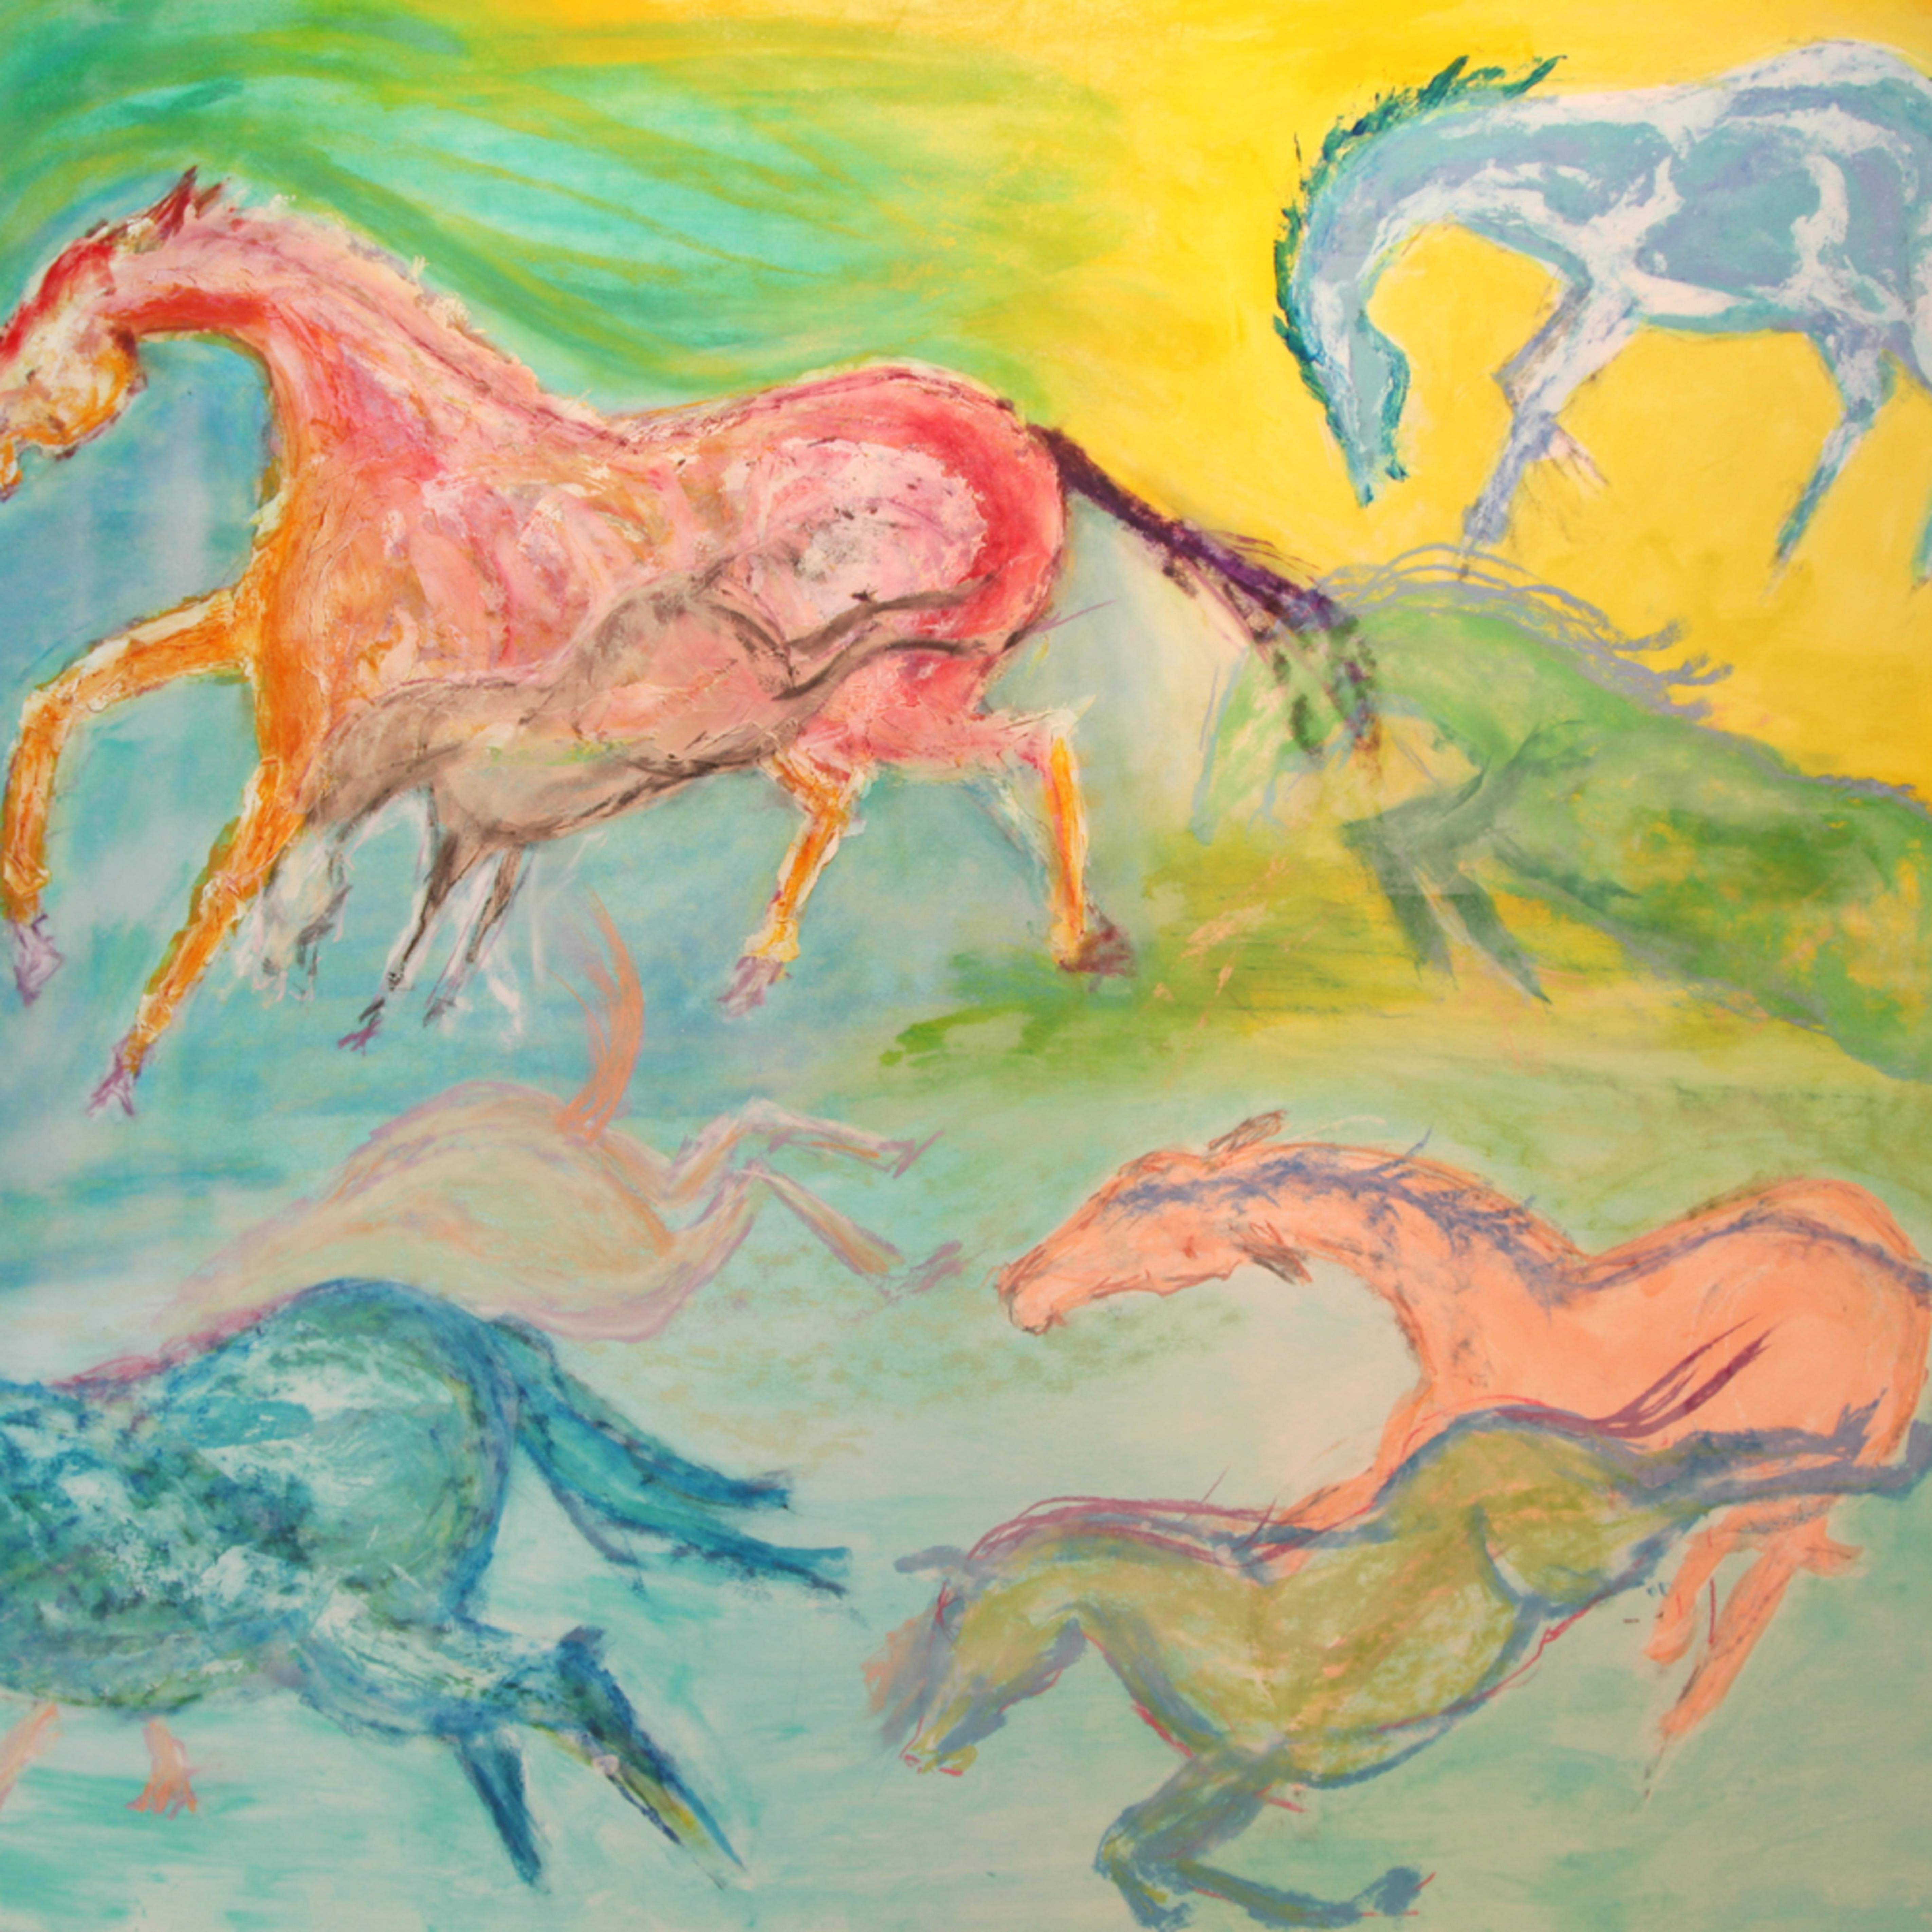 Pam white sevenrun horses foal u5rwd6